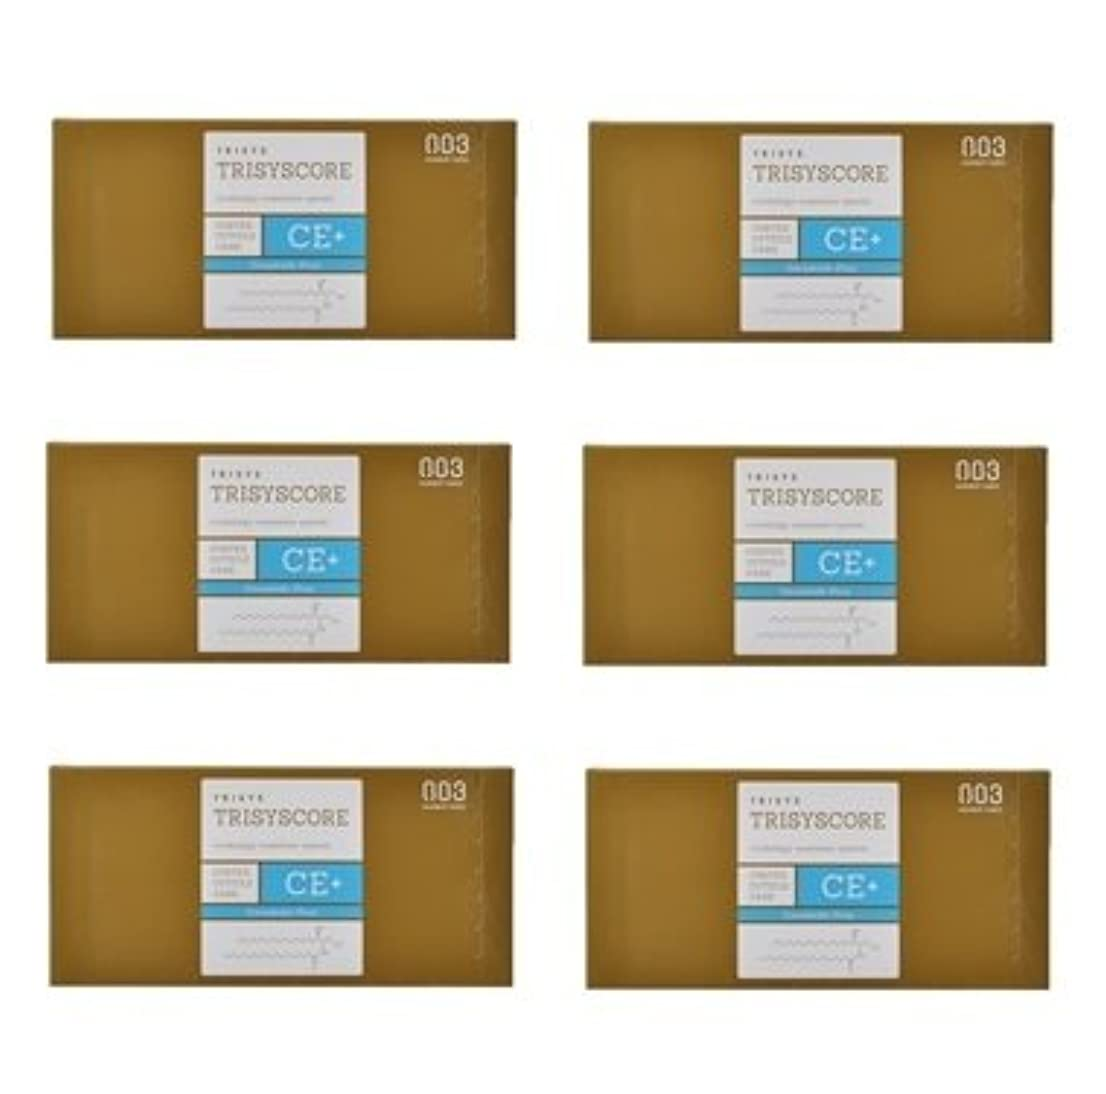 厚さ足首協力する【X6個セット】ナンバースリー トリシスコア CEプラス (ヘアトリートメント) 12g × 4包入り